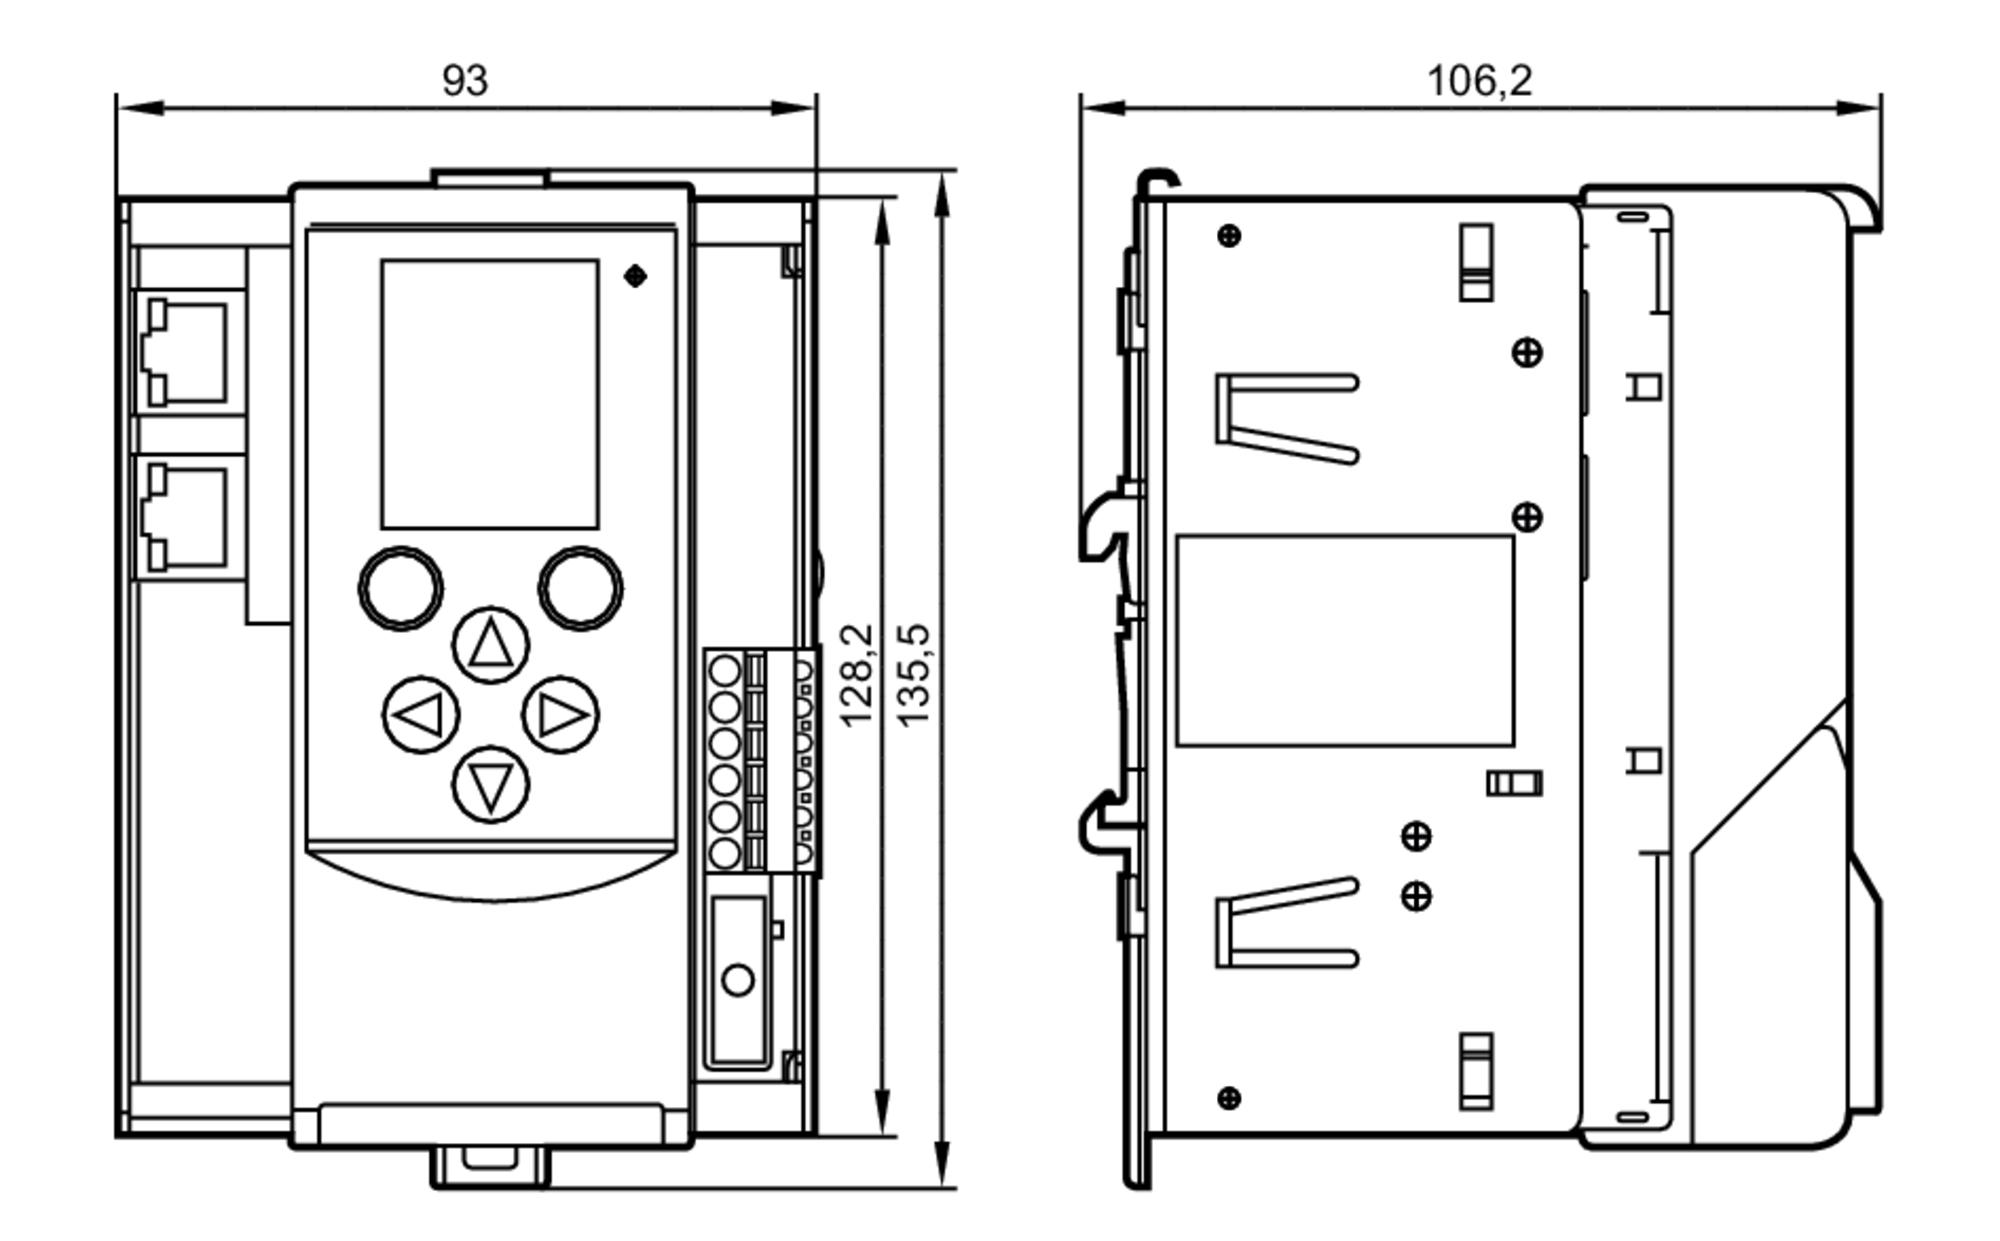 ac1401 - as-interface profinet gateway